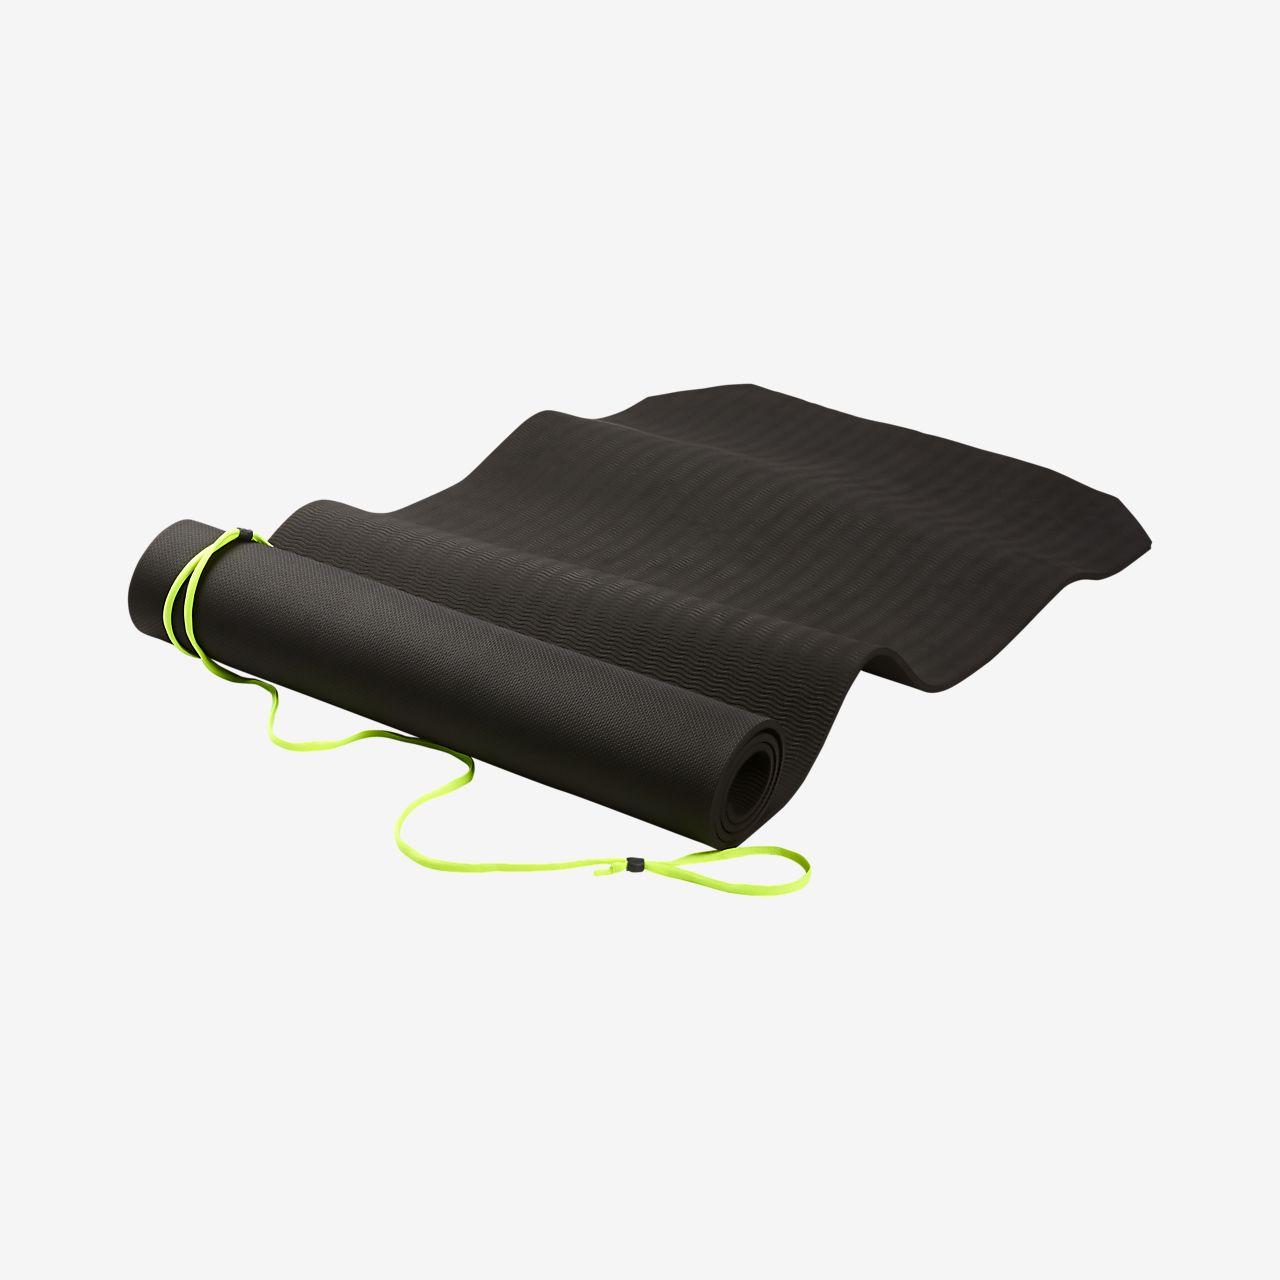 Tréninková podložka Nike 2.0